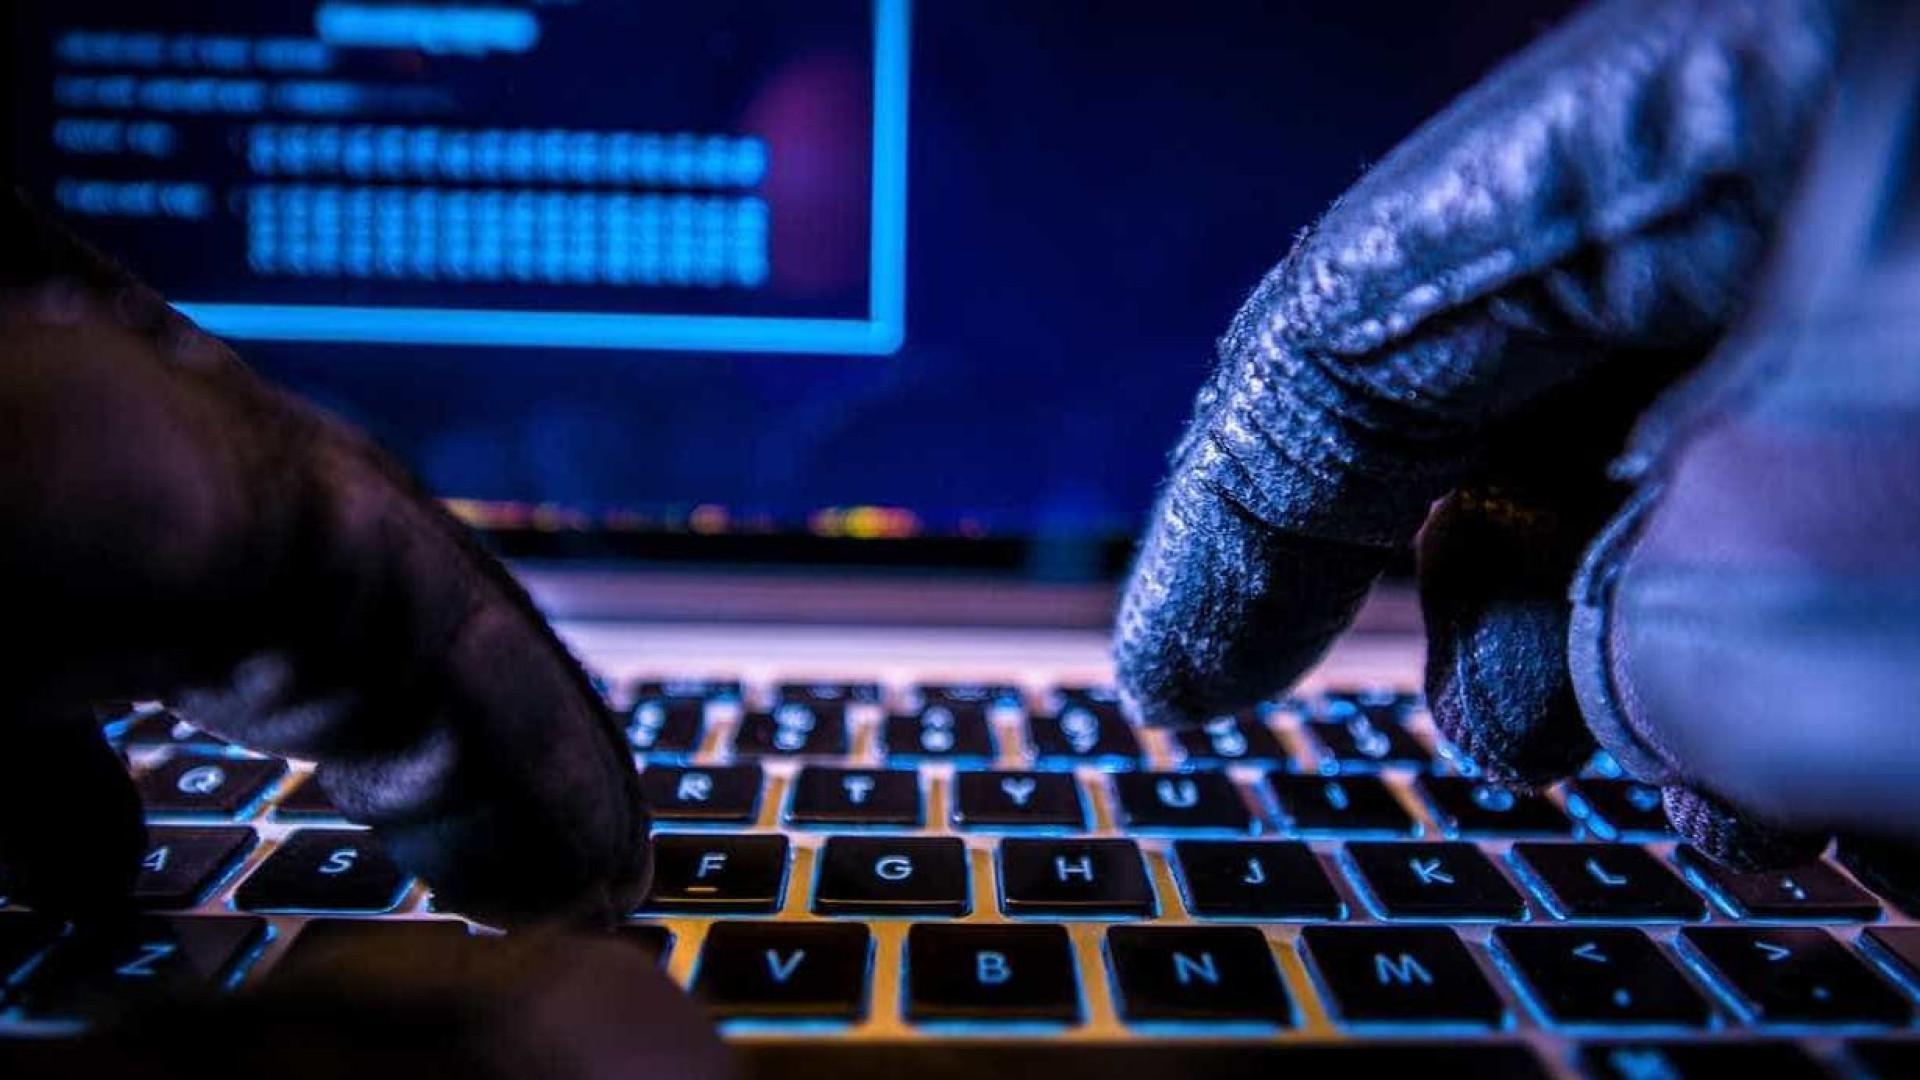 Novo golpe usa sites pornô para chantagear usuários